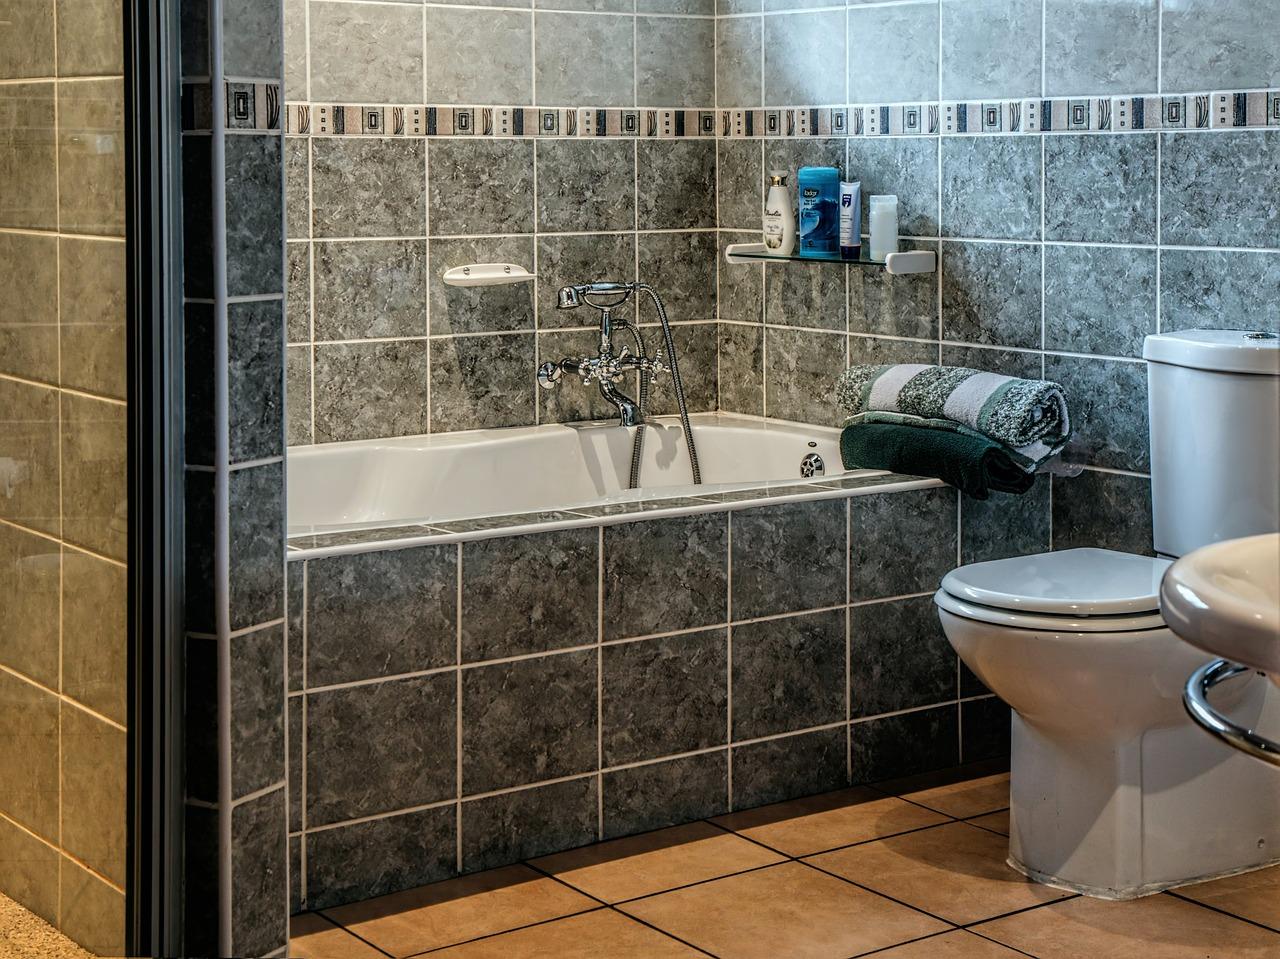 Płytki do łazienki i do kuchni. Na co zwrócić uwagę?  - Zdjęcie główne